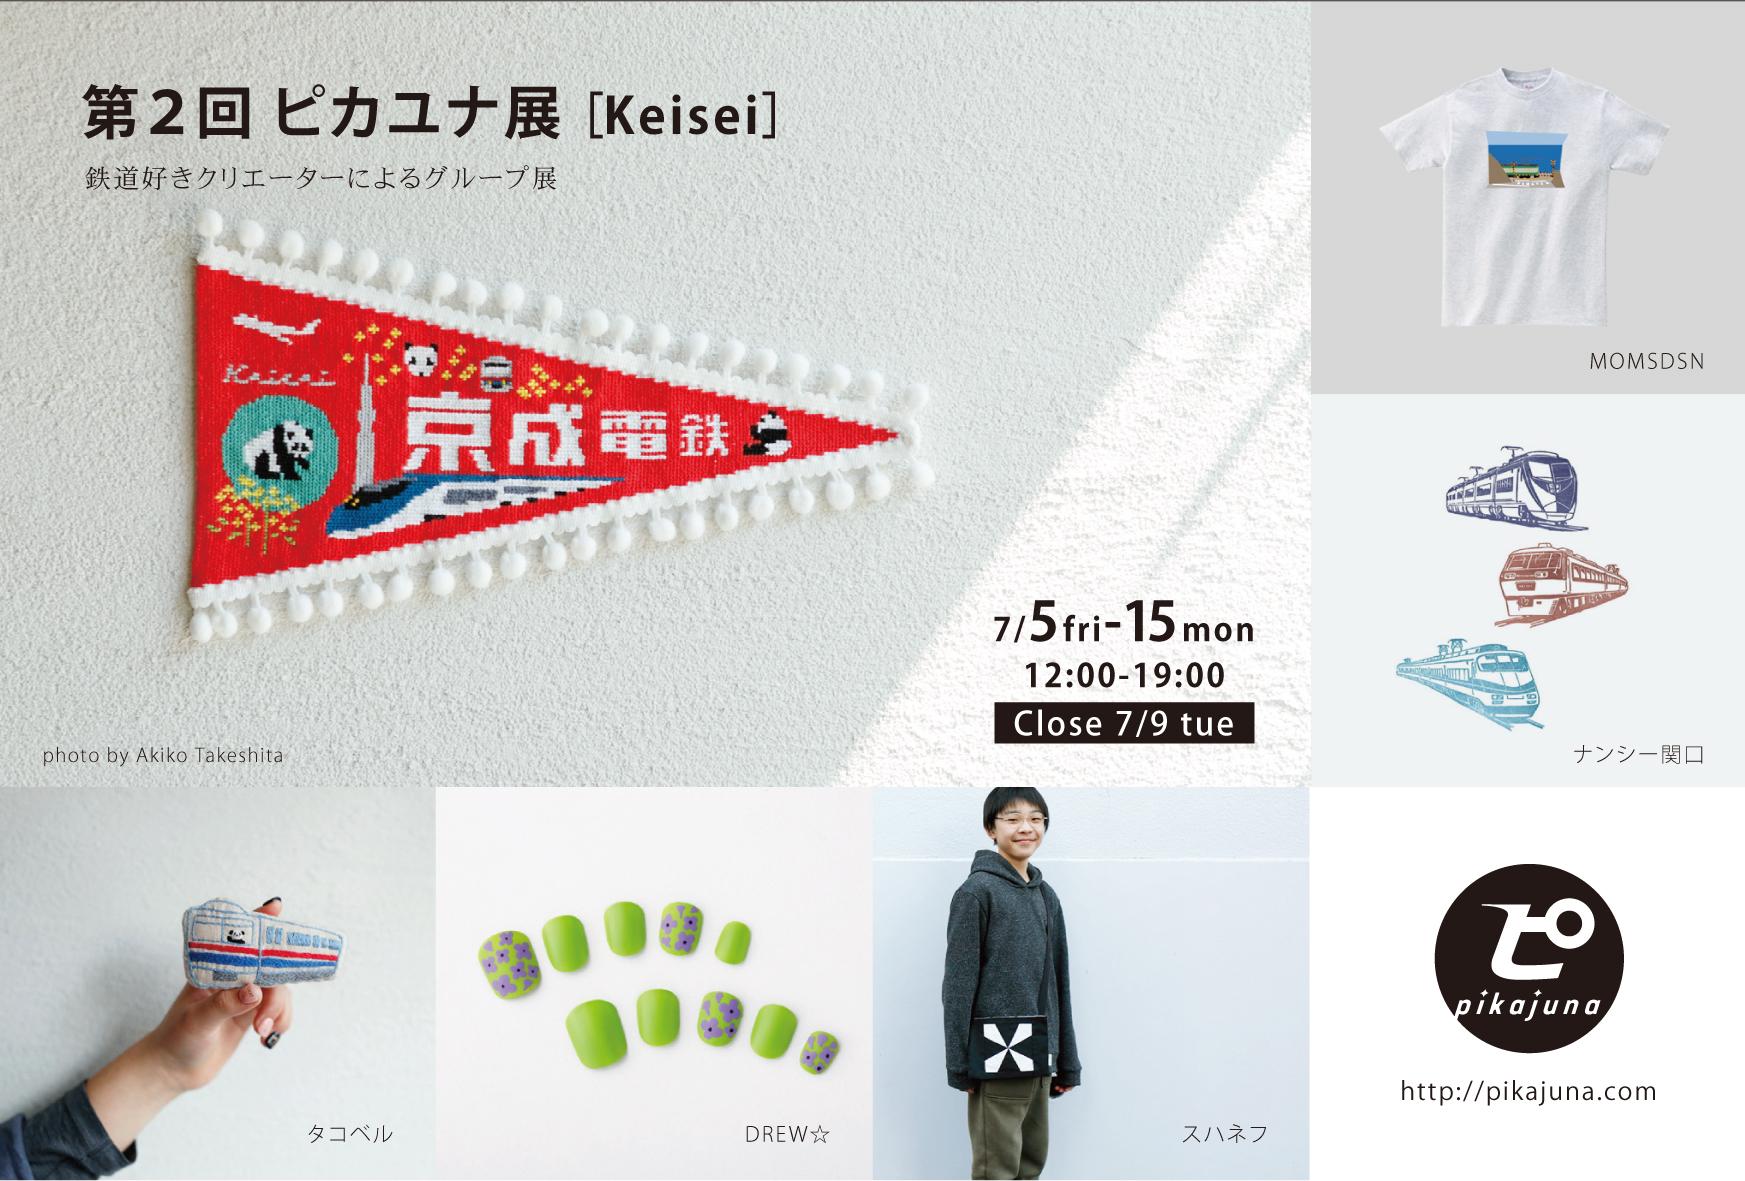 第2回 ピカユナ展「keisei」 (2019.7.5 – 7.15)